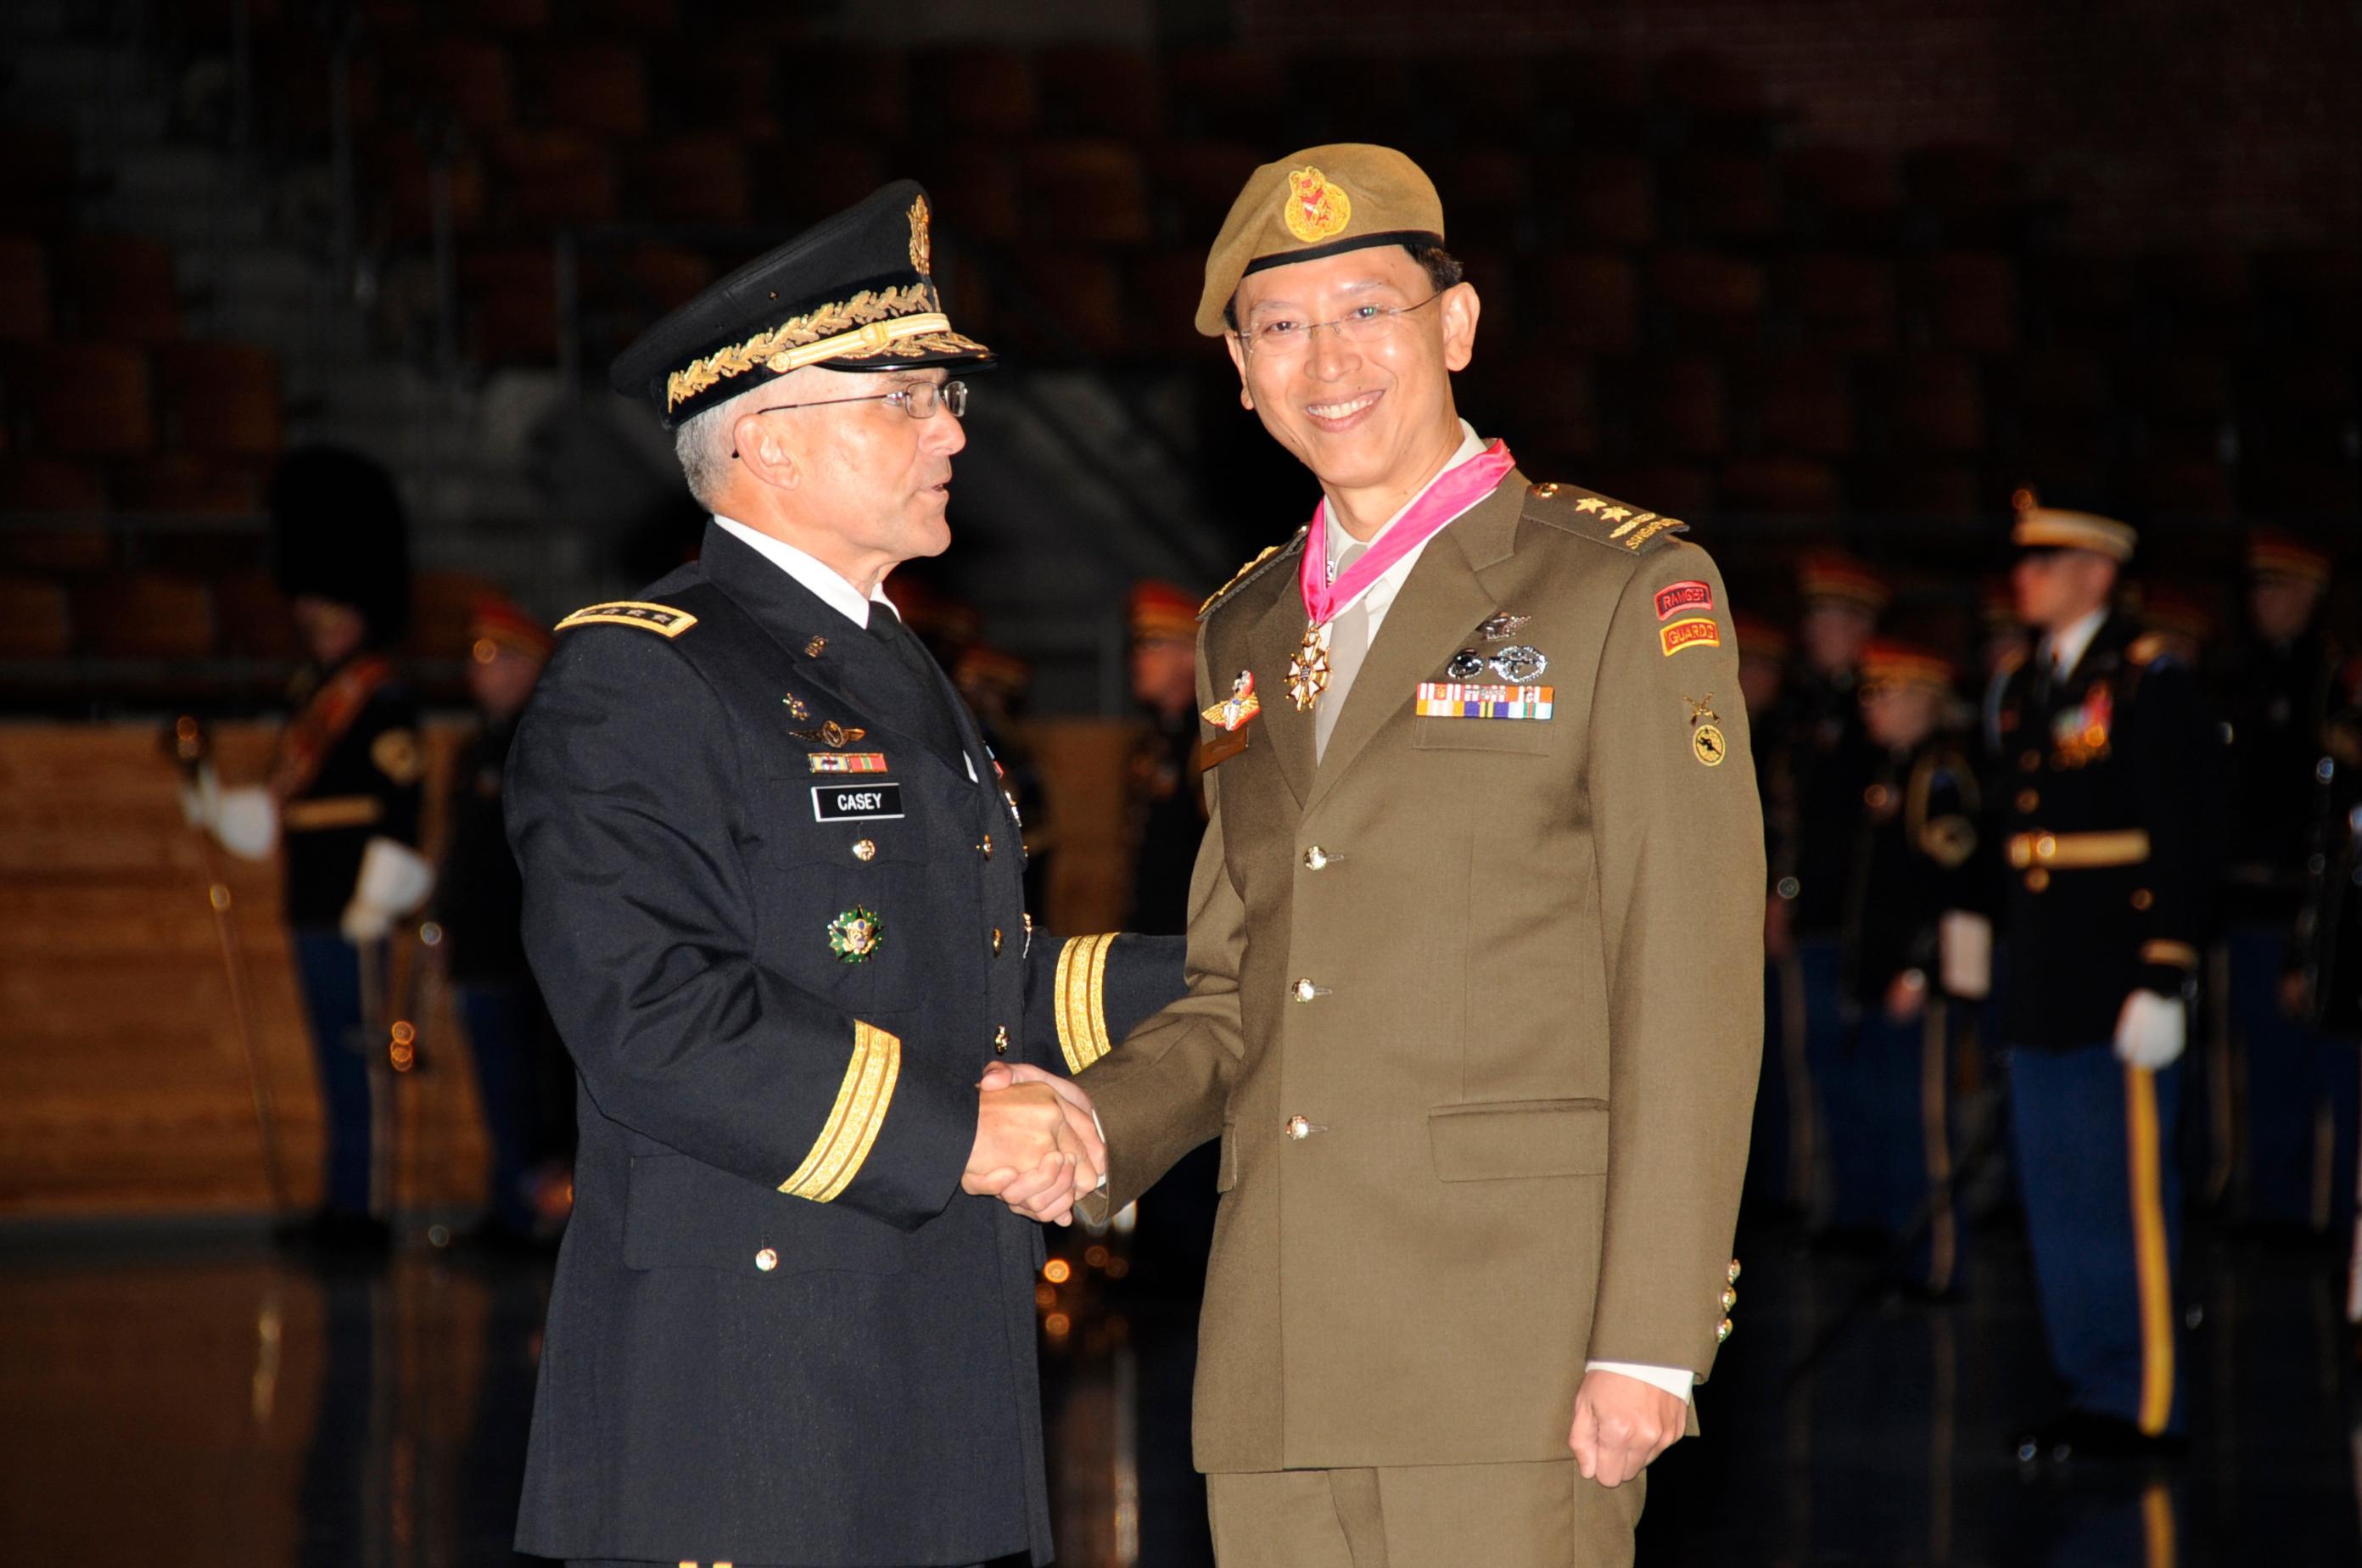 Forsvarssjef Neo Kian Hong til høyre i bildet